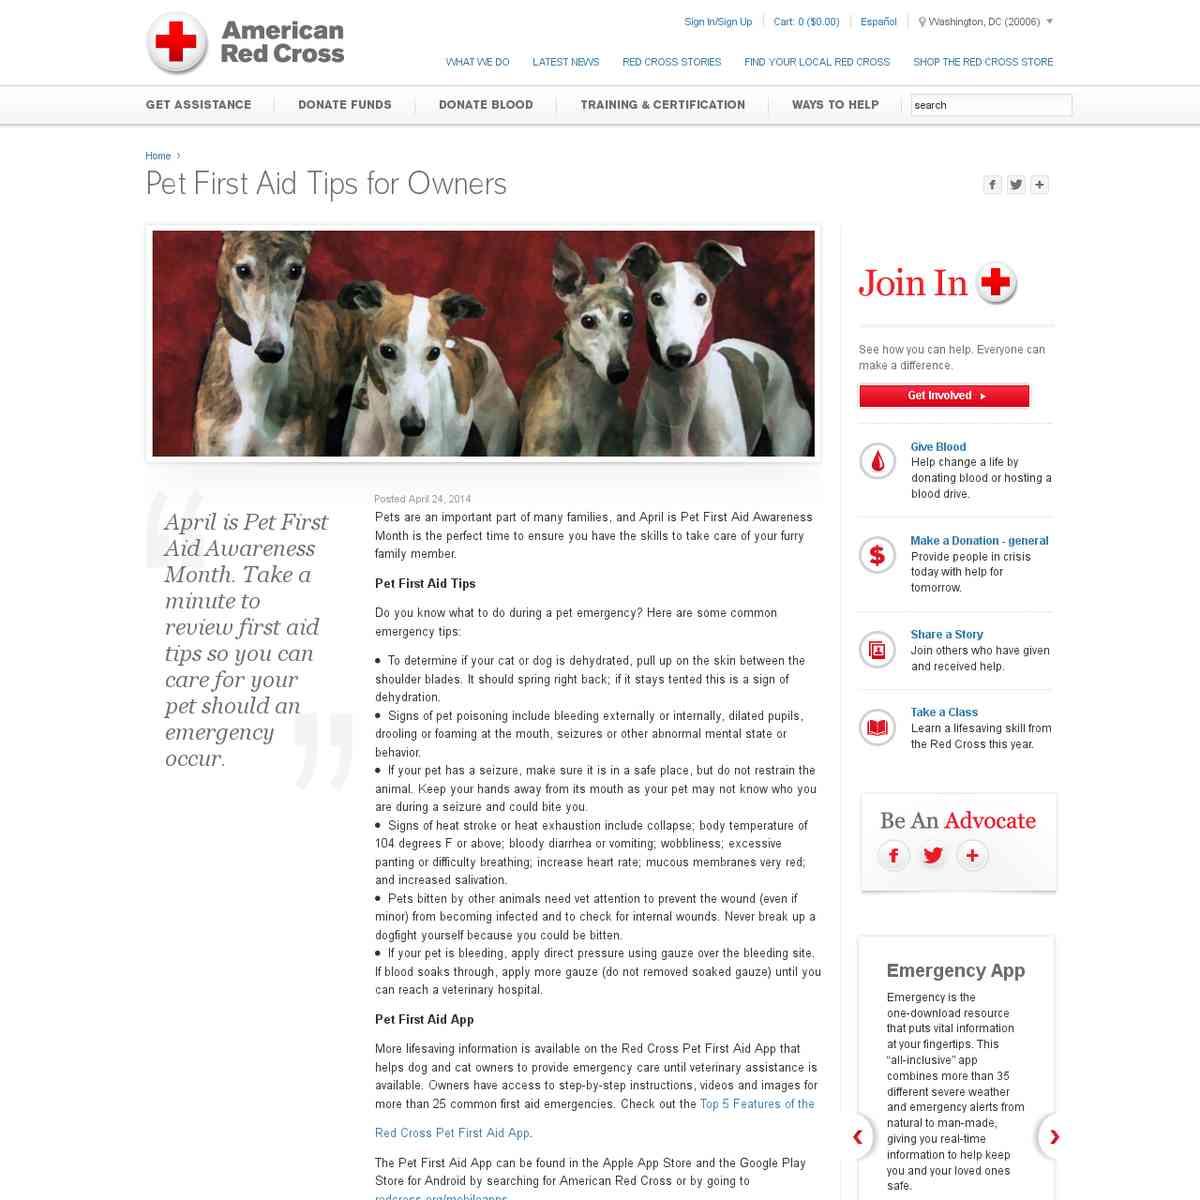 April: Pet First Aid Awareness Month